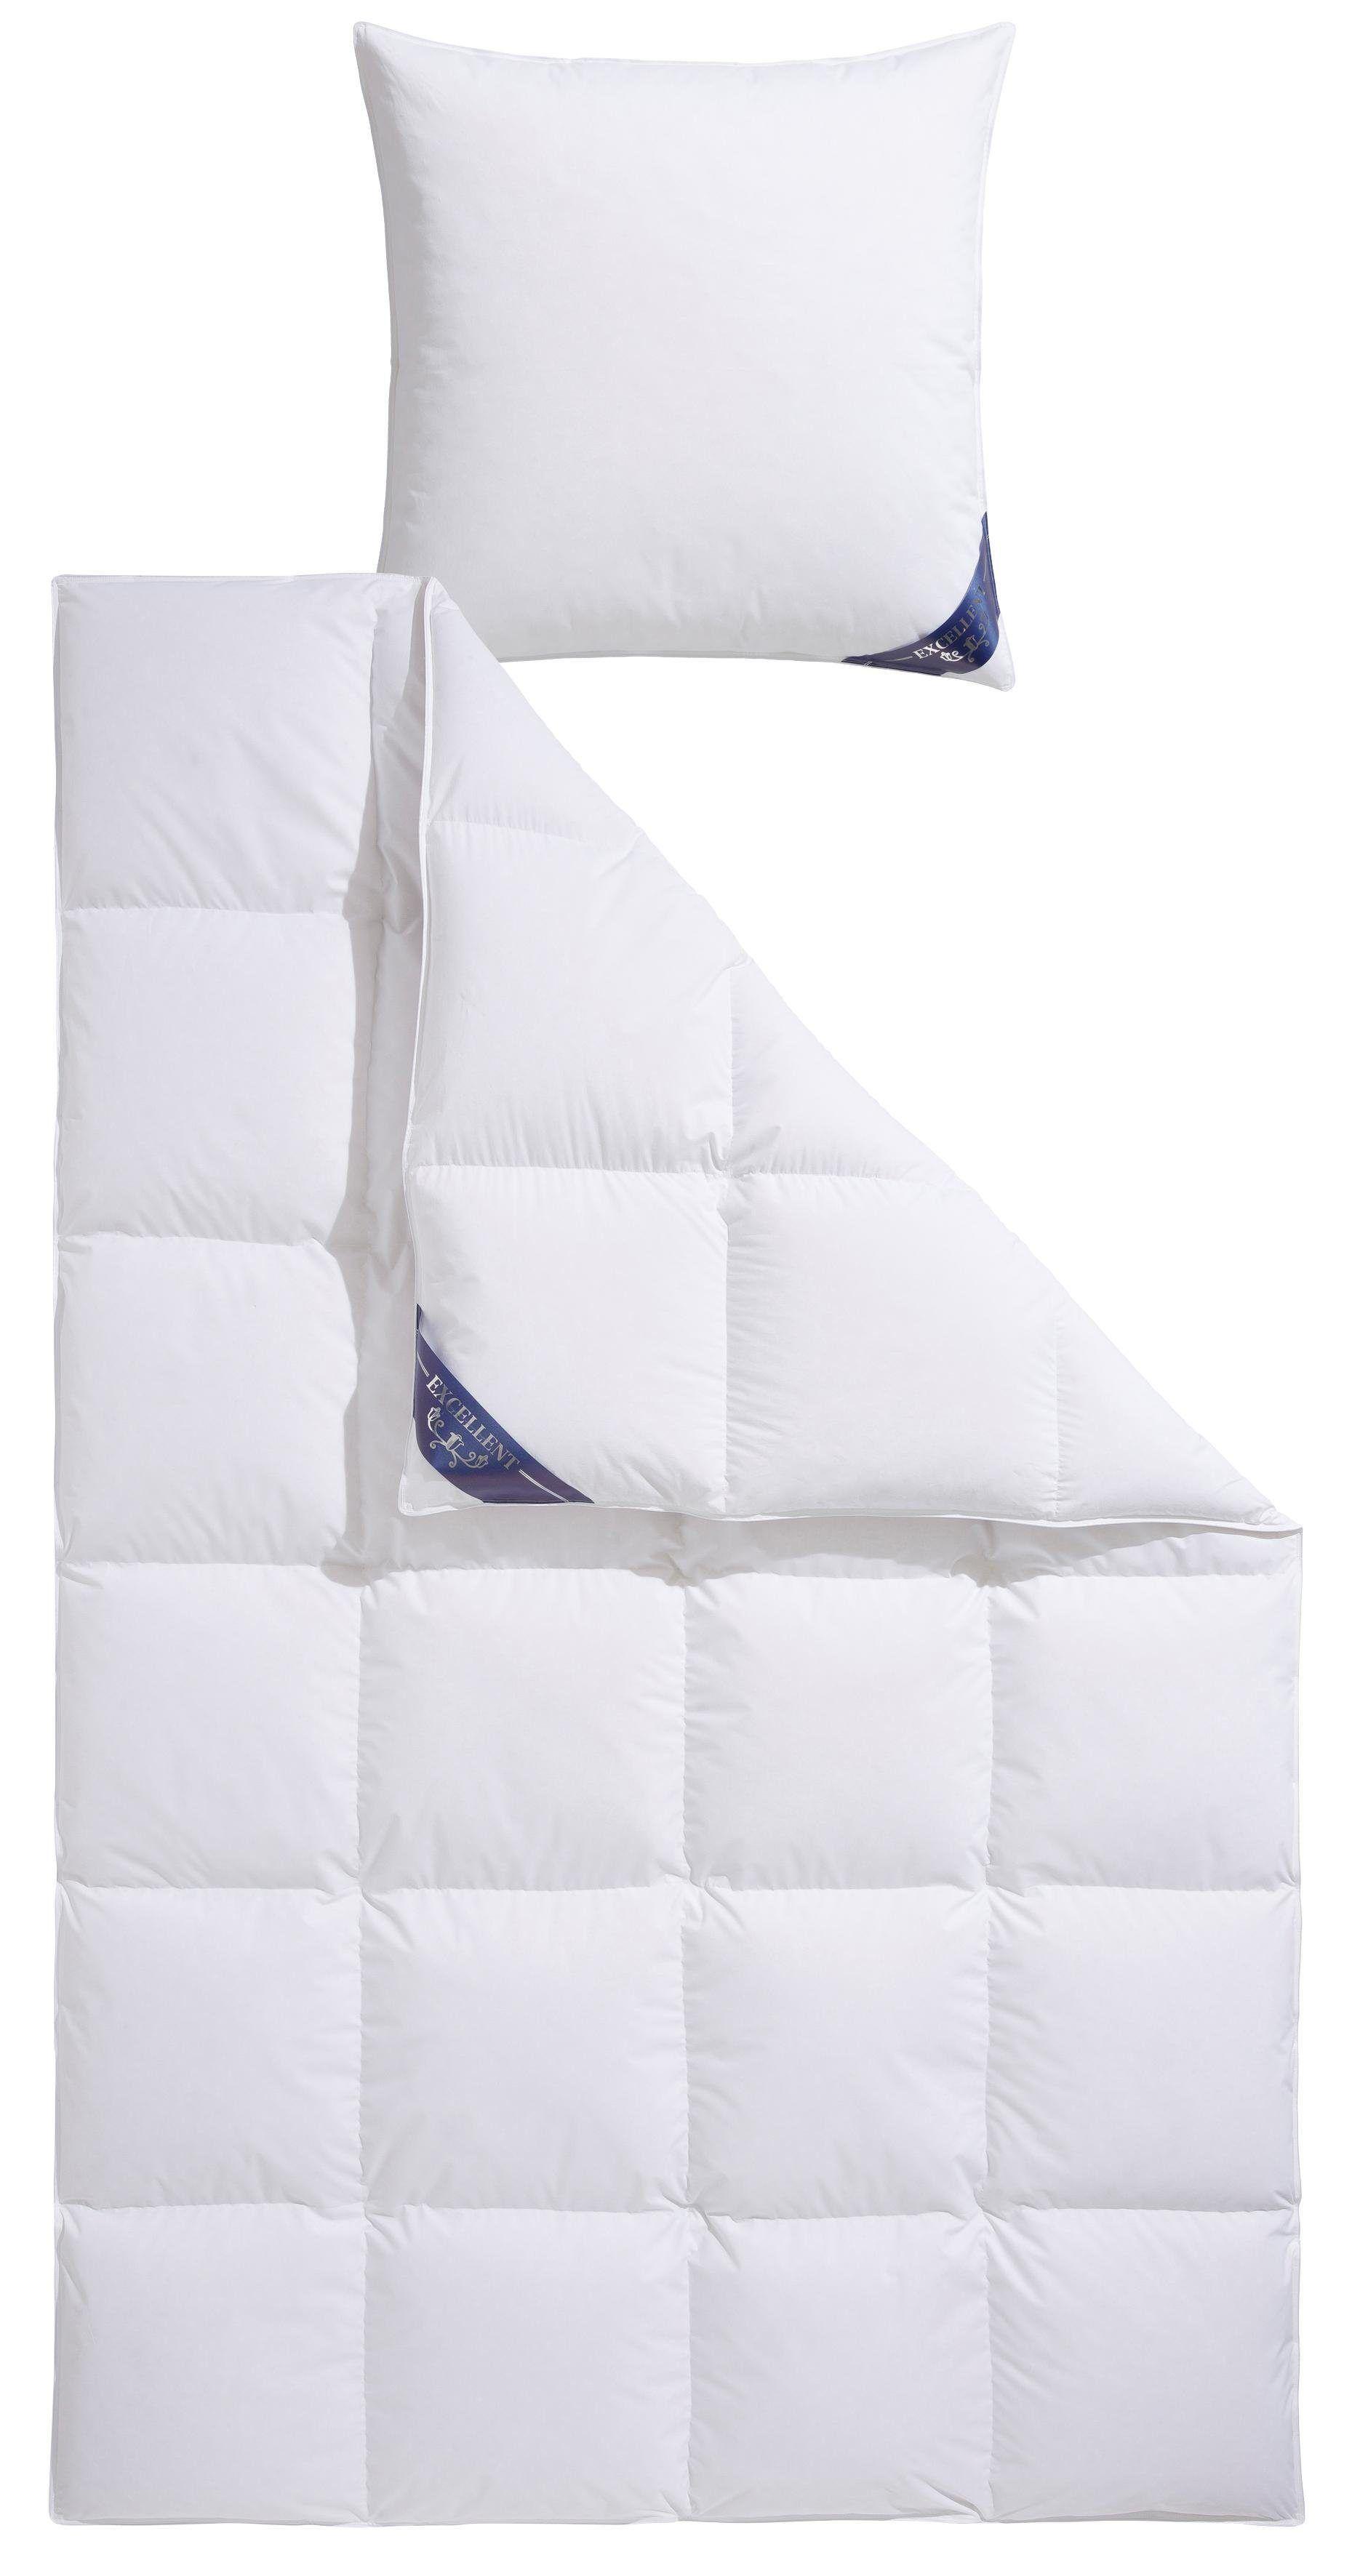 Daunenbettdecke + 3-Kammer-Kopfkissen »Venedig«, weiß, Material Baumwolle, EXCELLENT